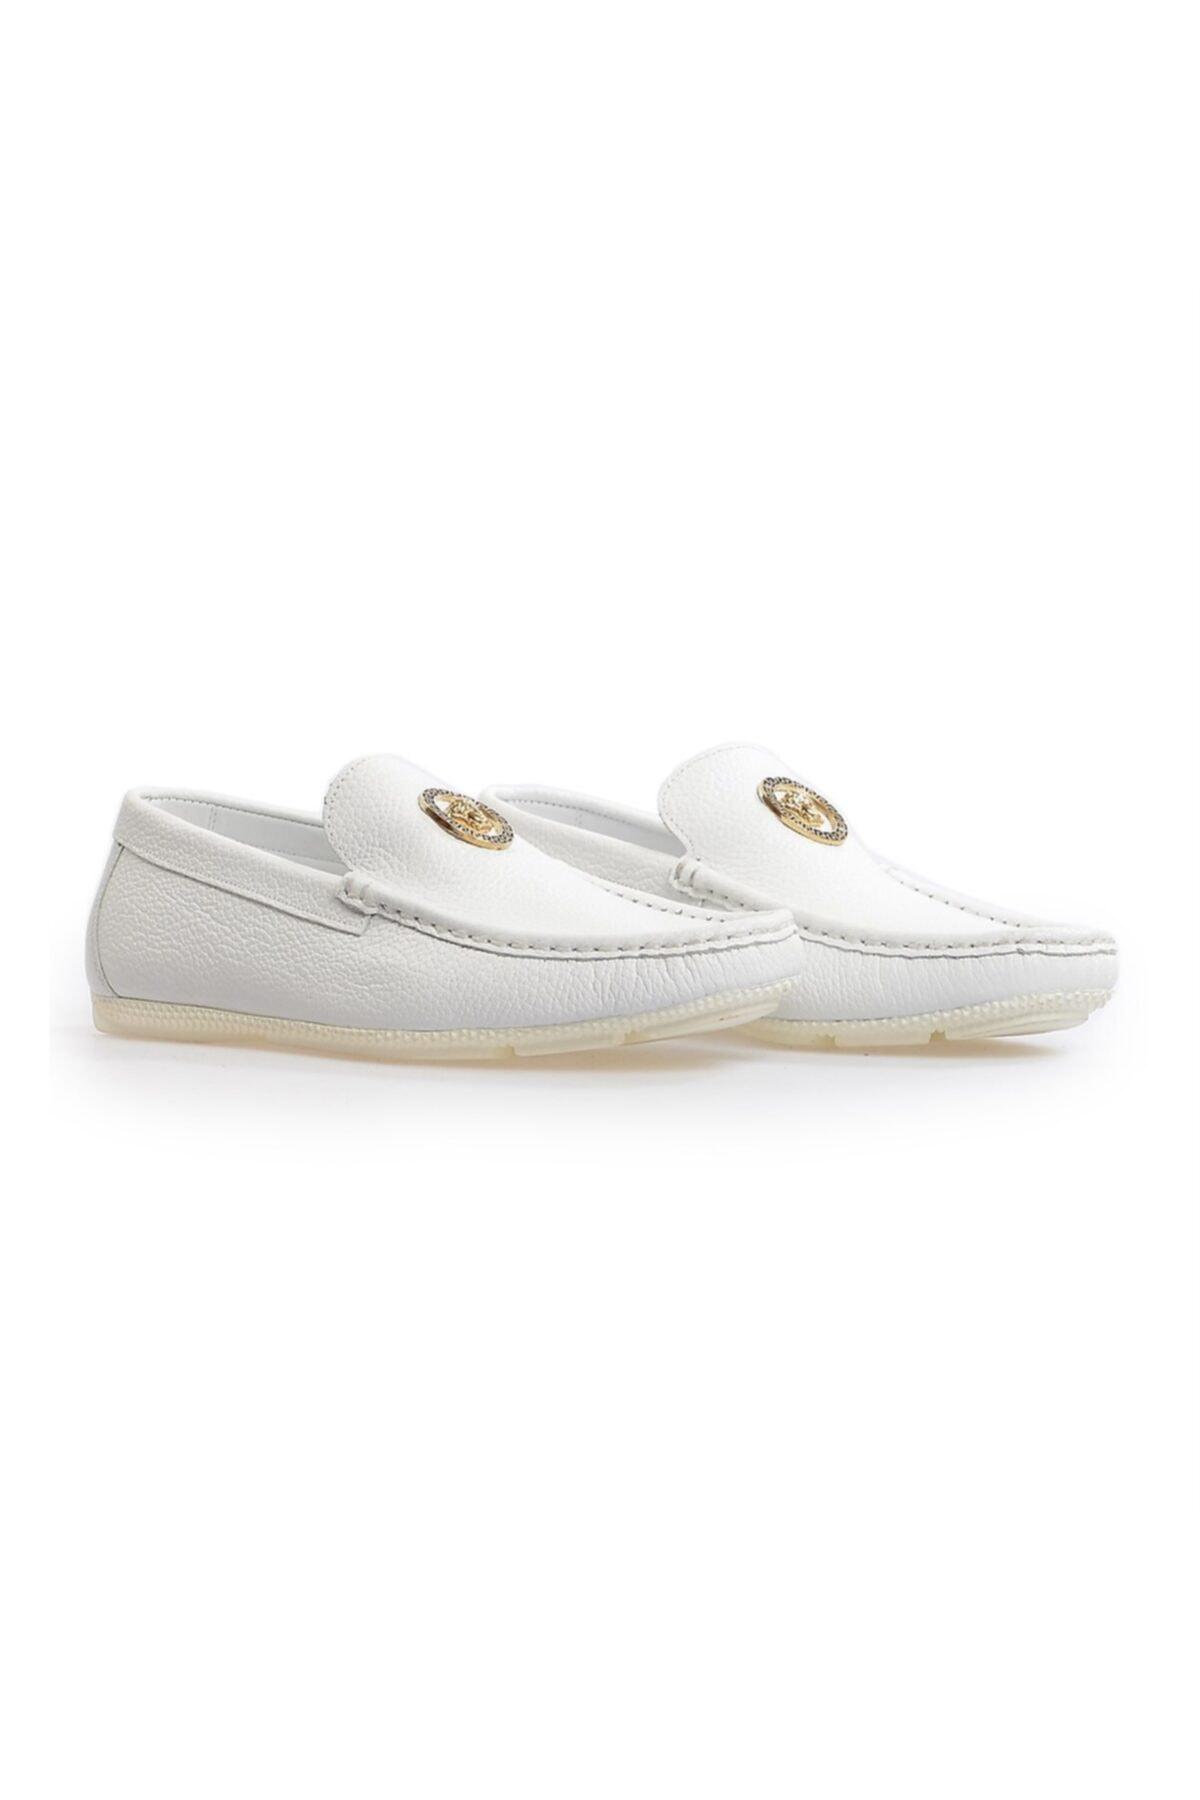 Flower Beyaz Deri Toka Detaylı Loafer Ayakkabı 2